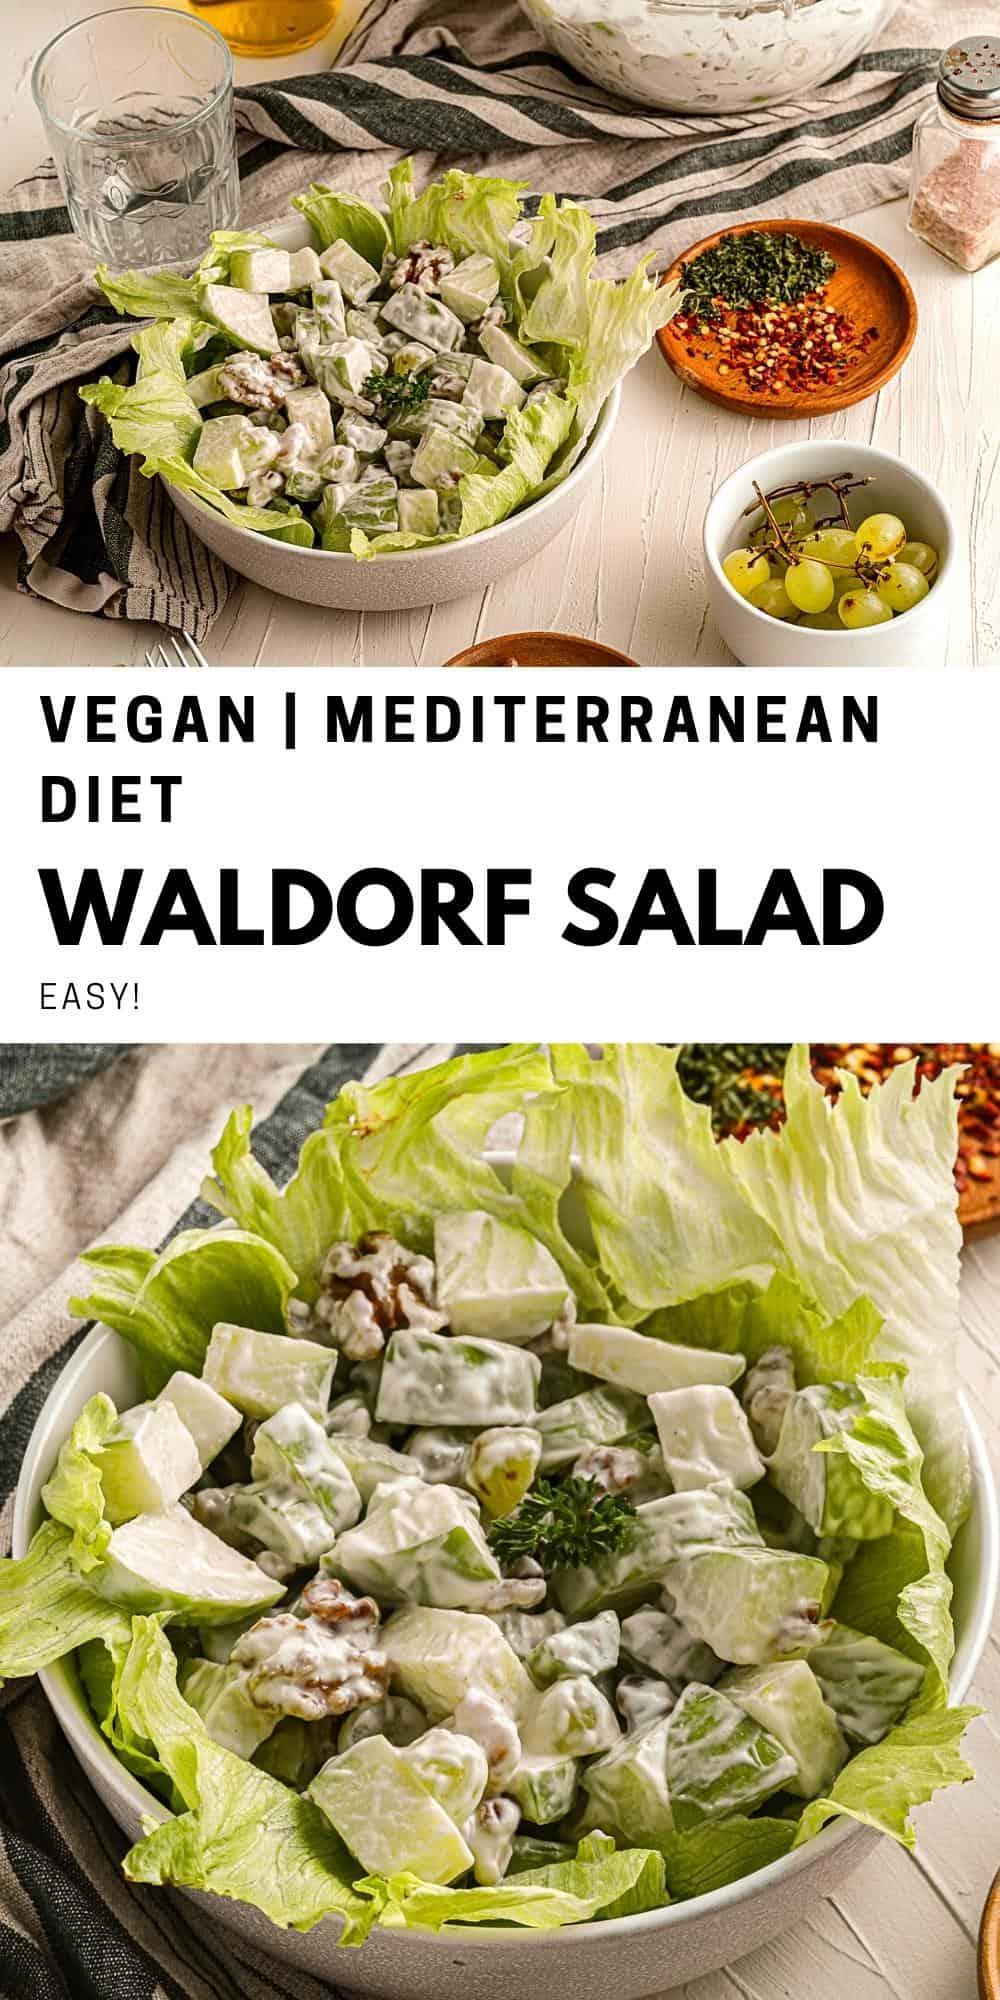 Mediterranean Diet Waldorf Salad